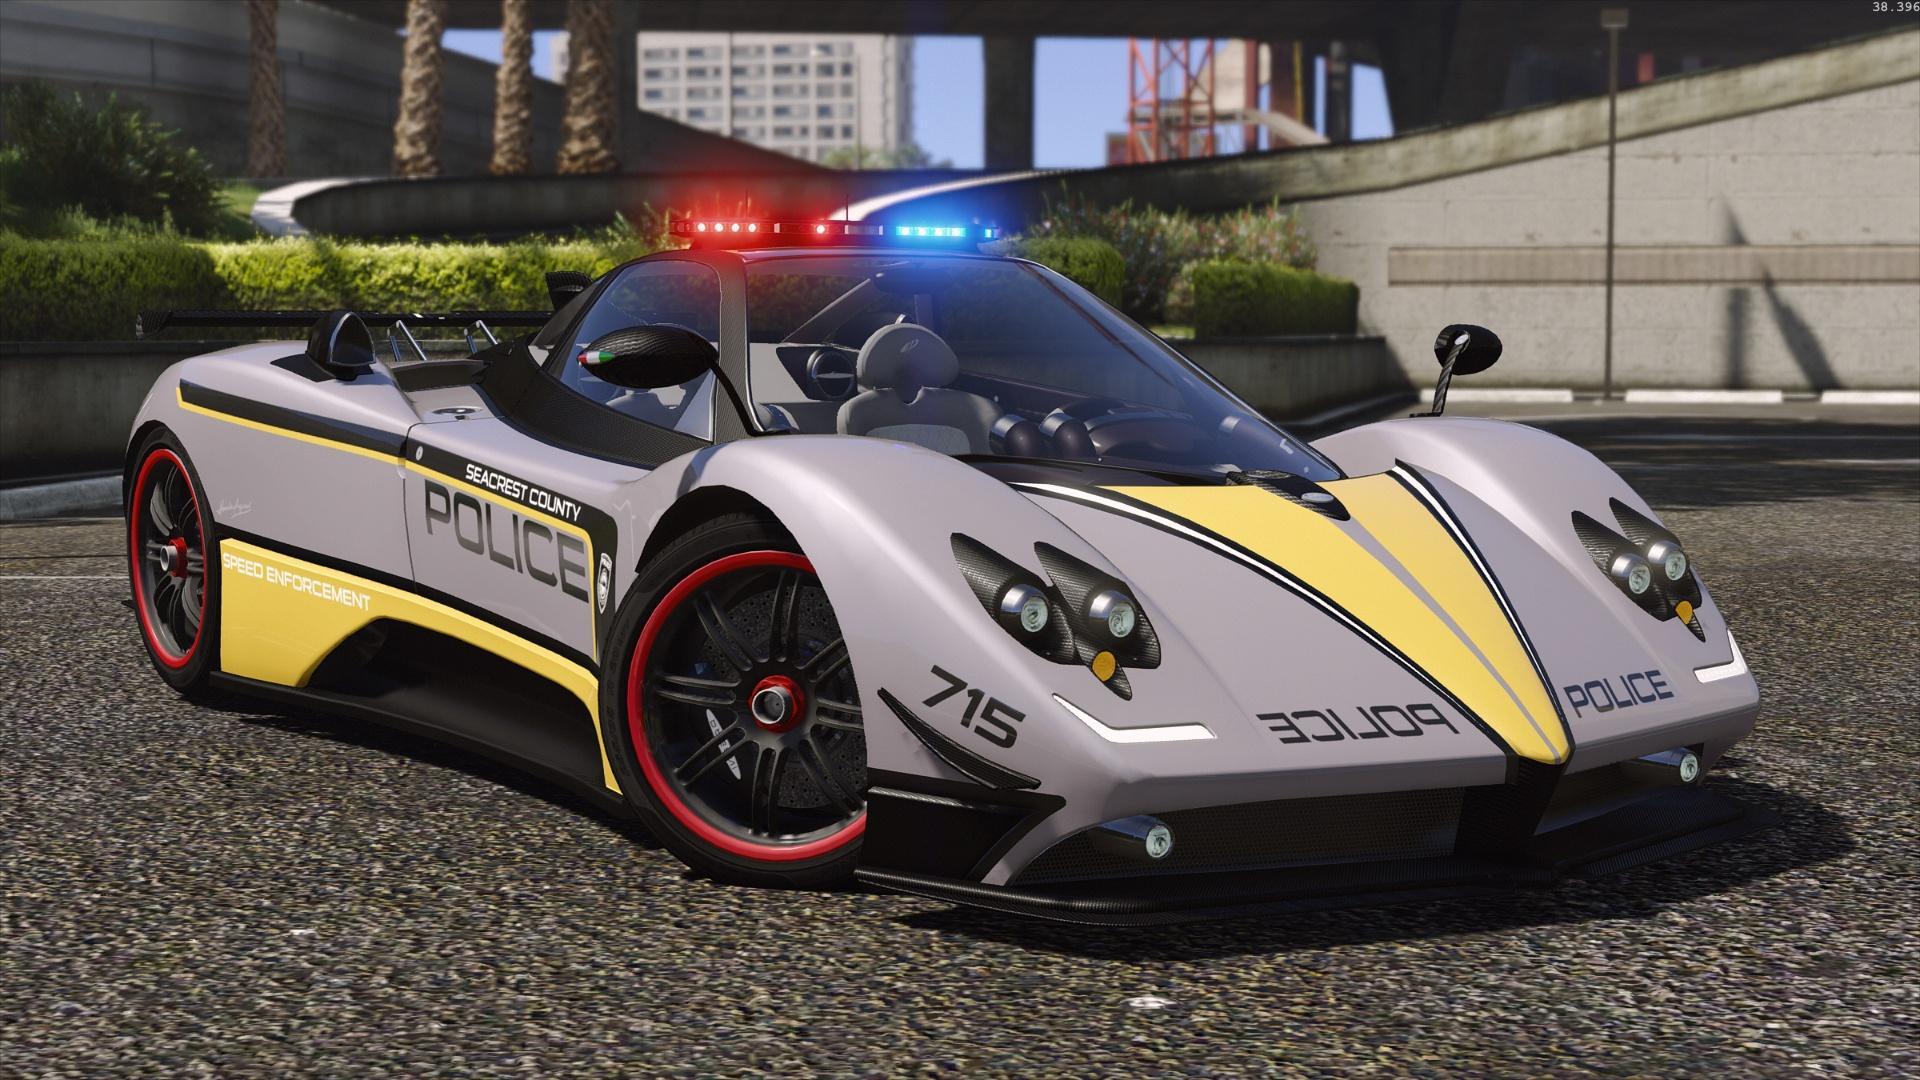 Ferrari Car Wallpaper Download Pagani Zonda Tricolore Hot Pursuit Police Add On